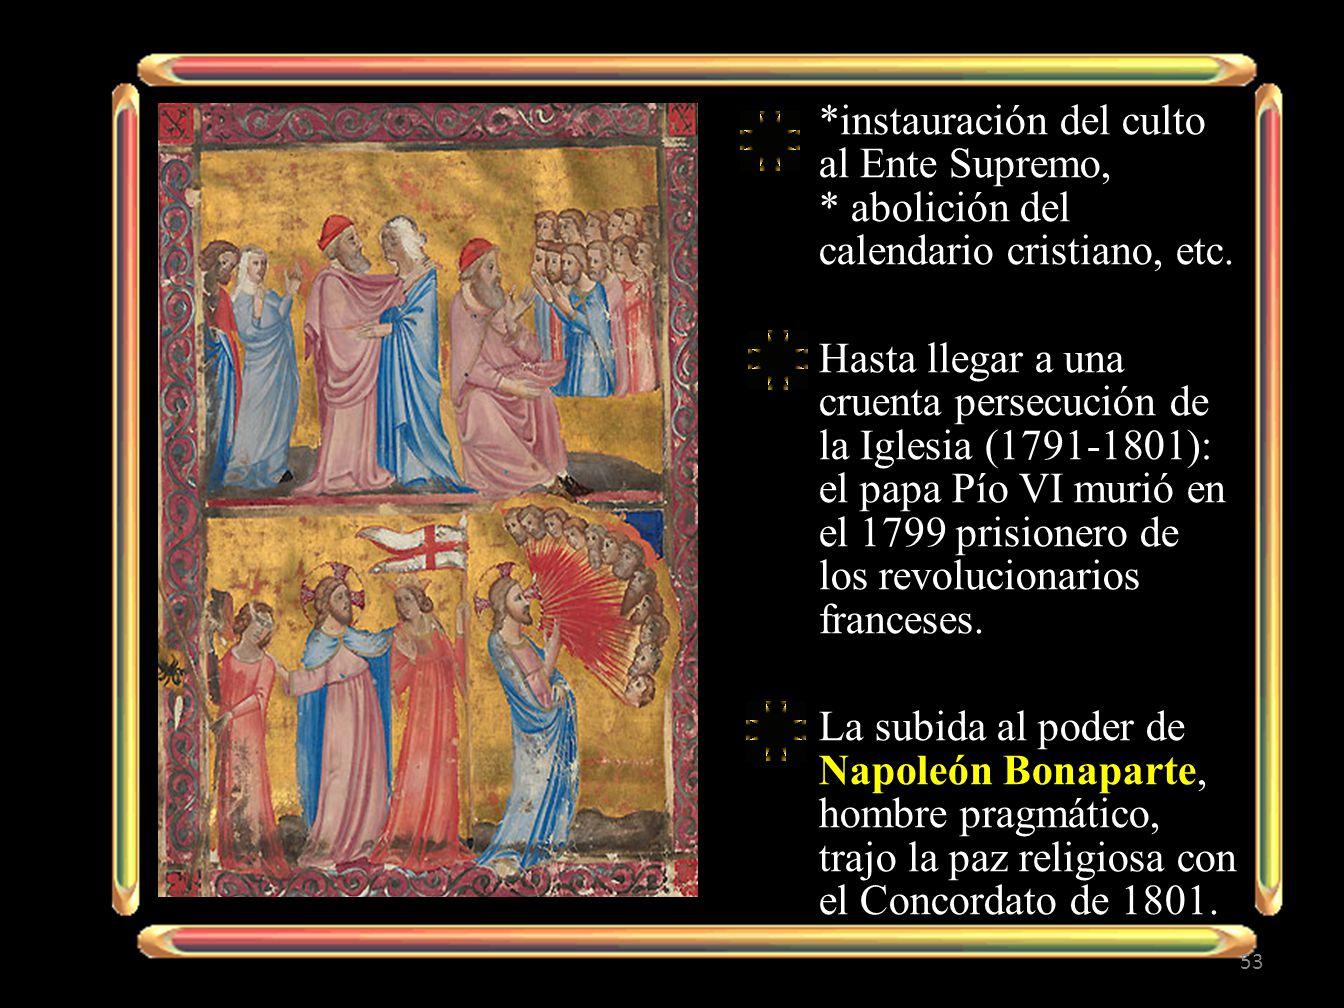 *instauración del culto al Ente Supremo, * abolición del calendario cristiano, etc. Hasta llegar a una cruenta persecución de la Iglesia (1791-1801):